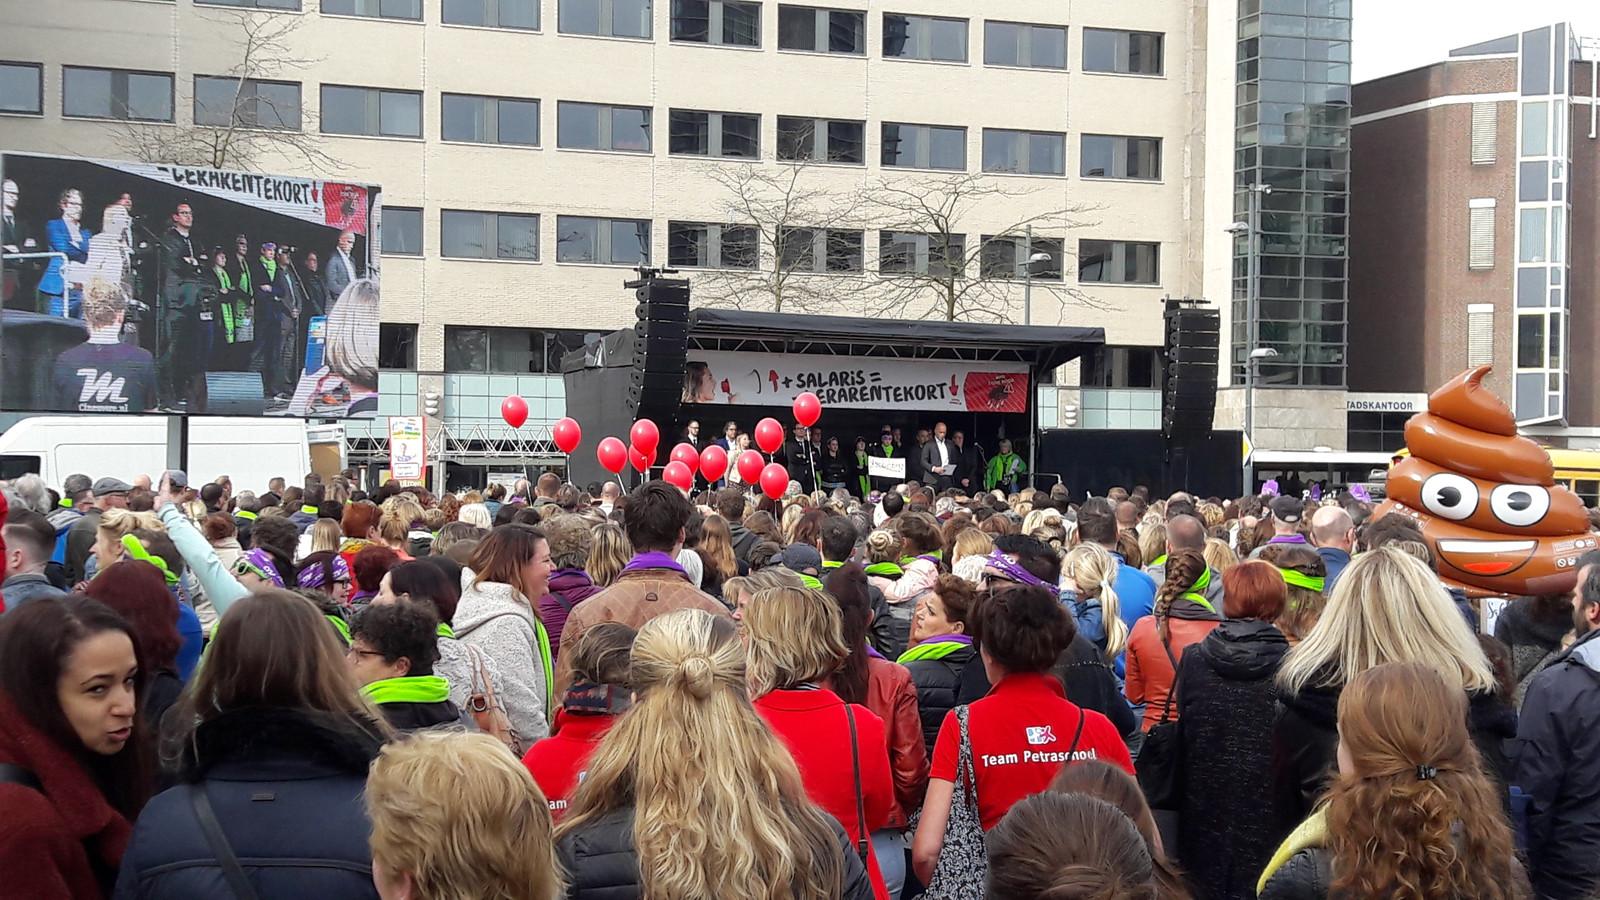 In de afgelopen twee jaar waren er al vier eerdere actiedagen in het onderwijs, zoals hier op het Stadhuisplein in Eindhoven.